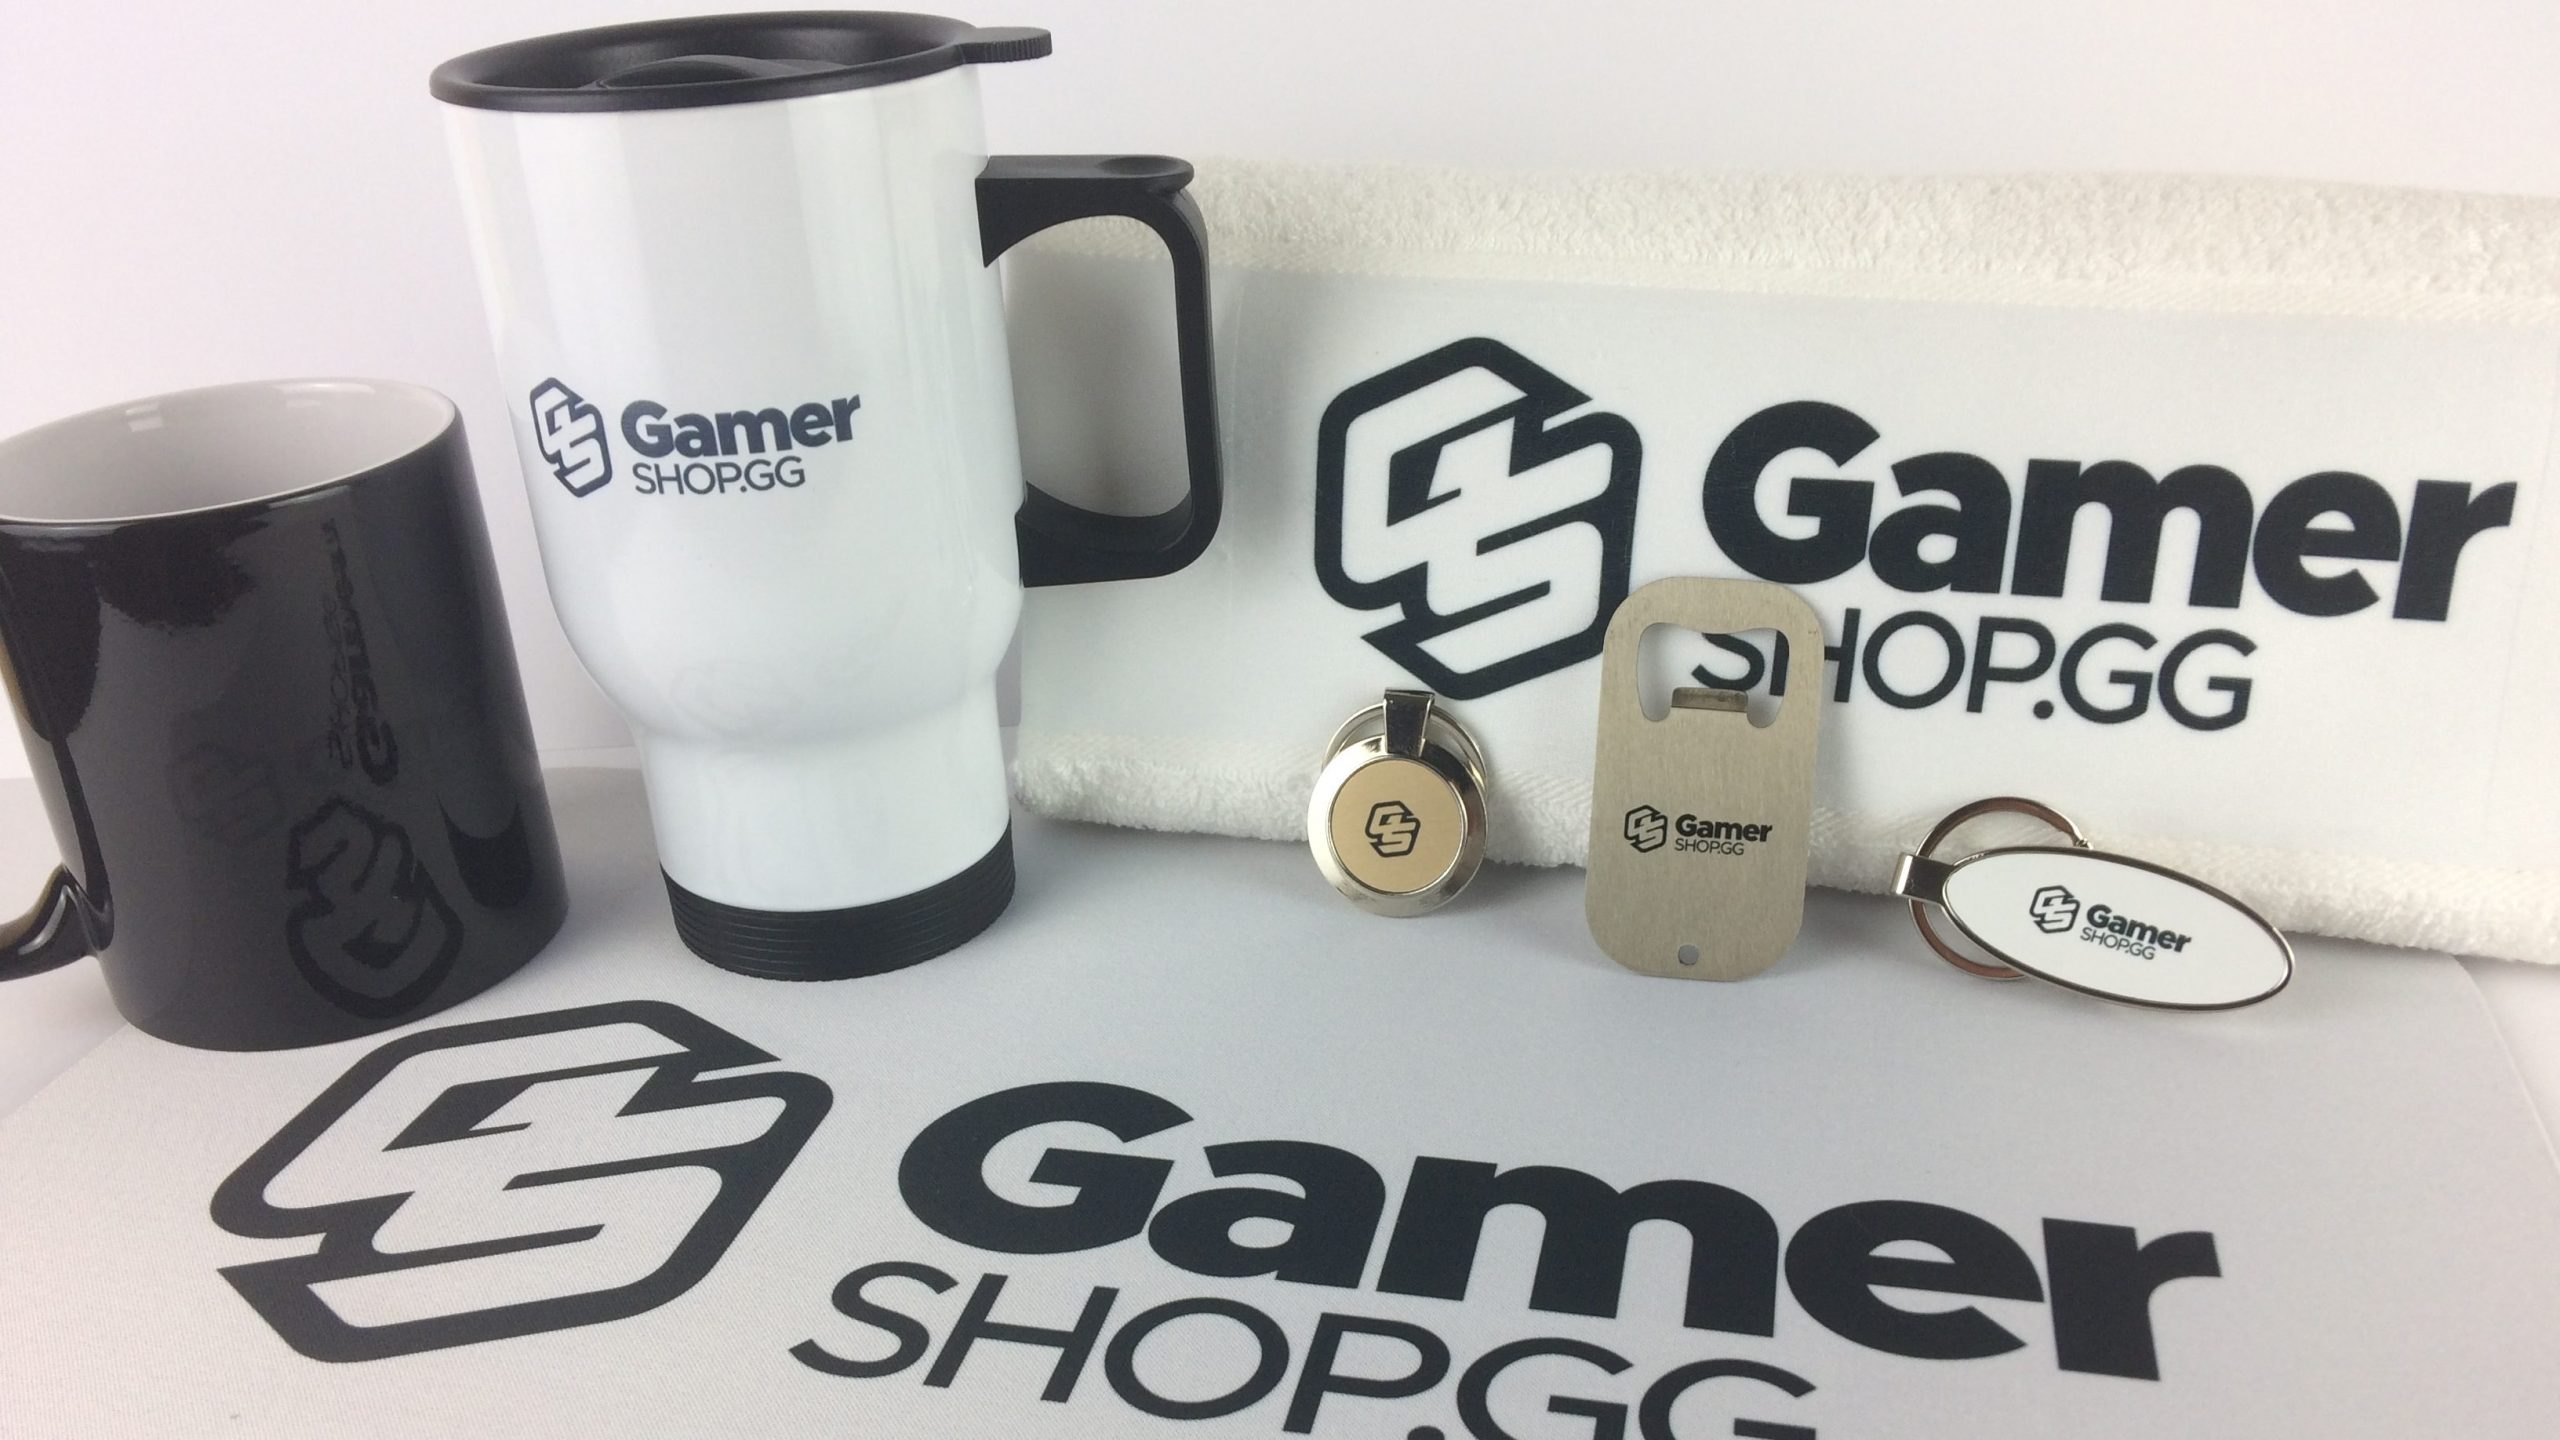 Gamershop.gg termékek